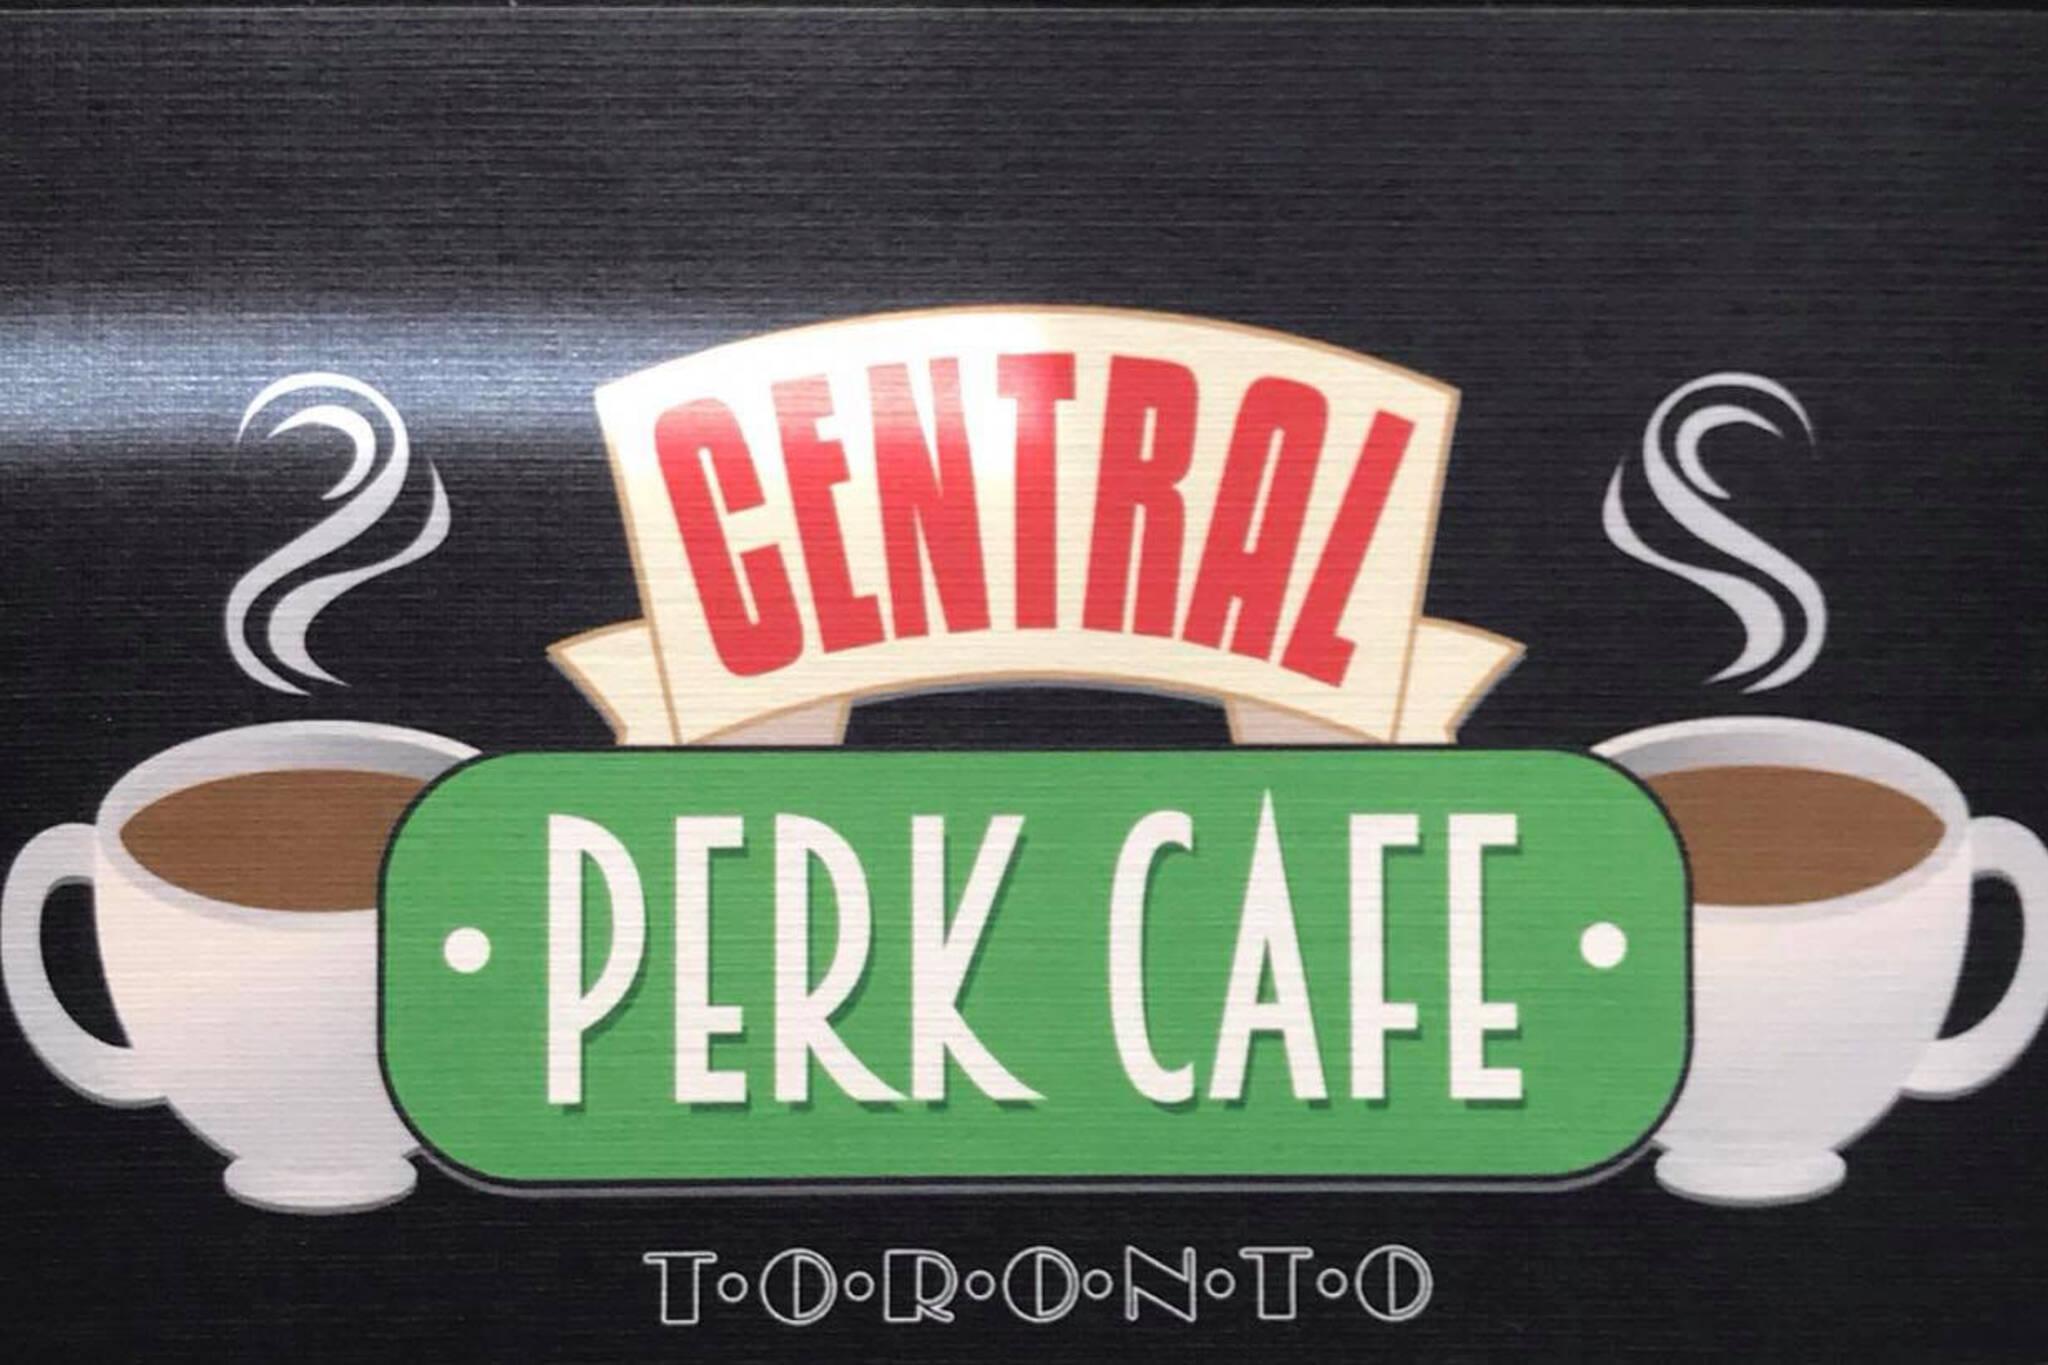 Central Perk Toronto